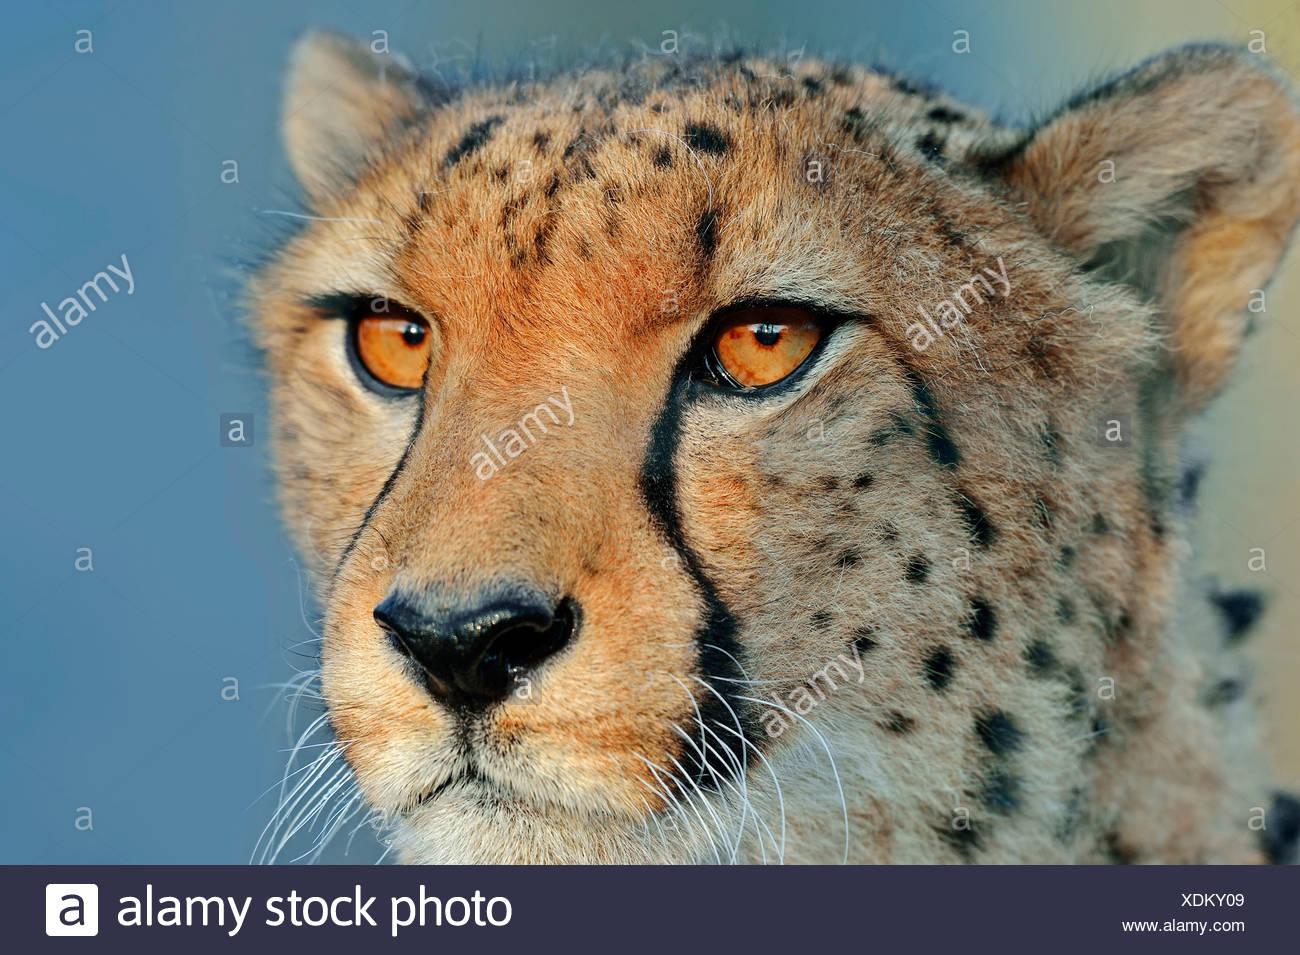 Ghepardo (Acinonyx jubatus), ritratto, nativo di Africa, in cattività Immagini Stock